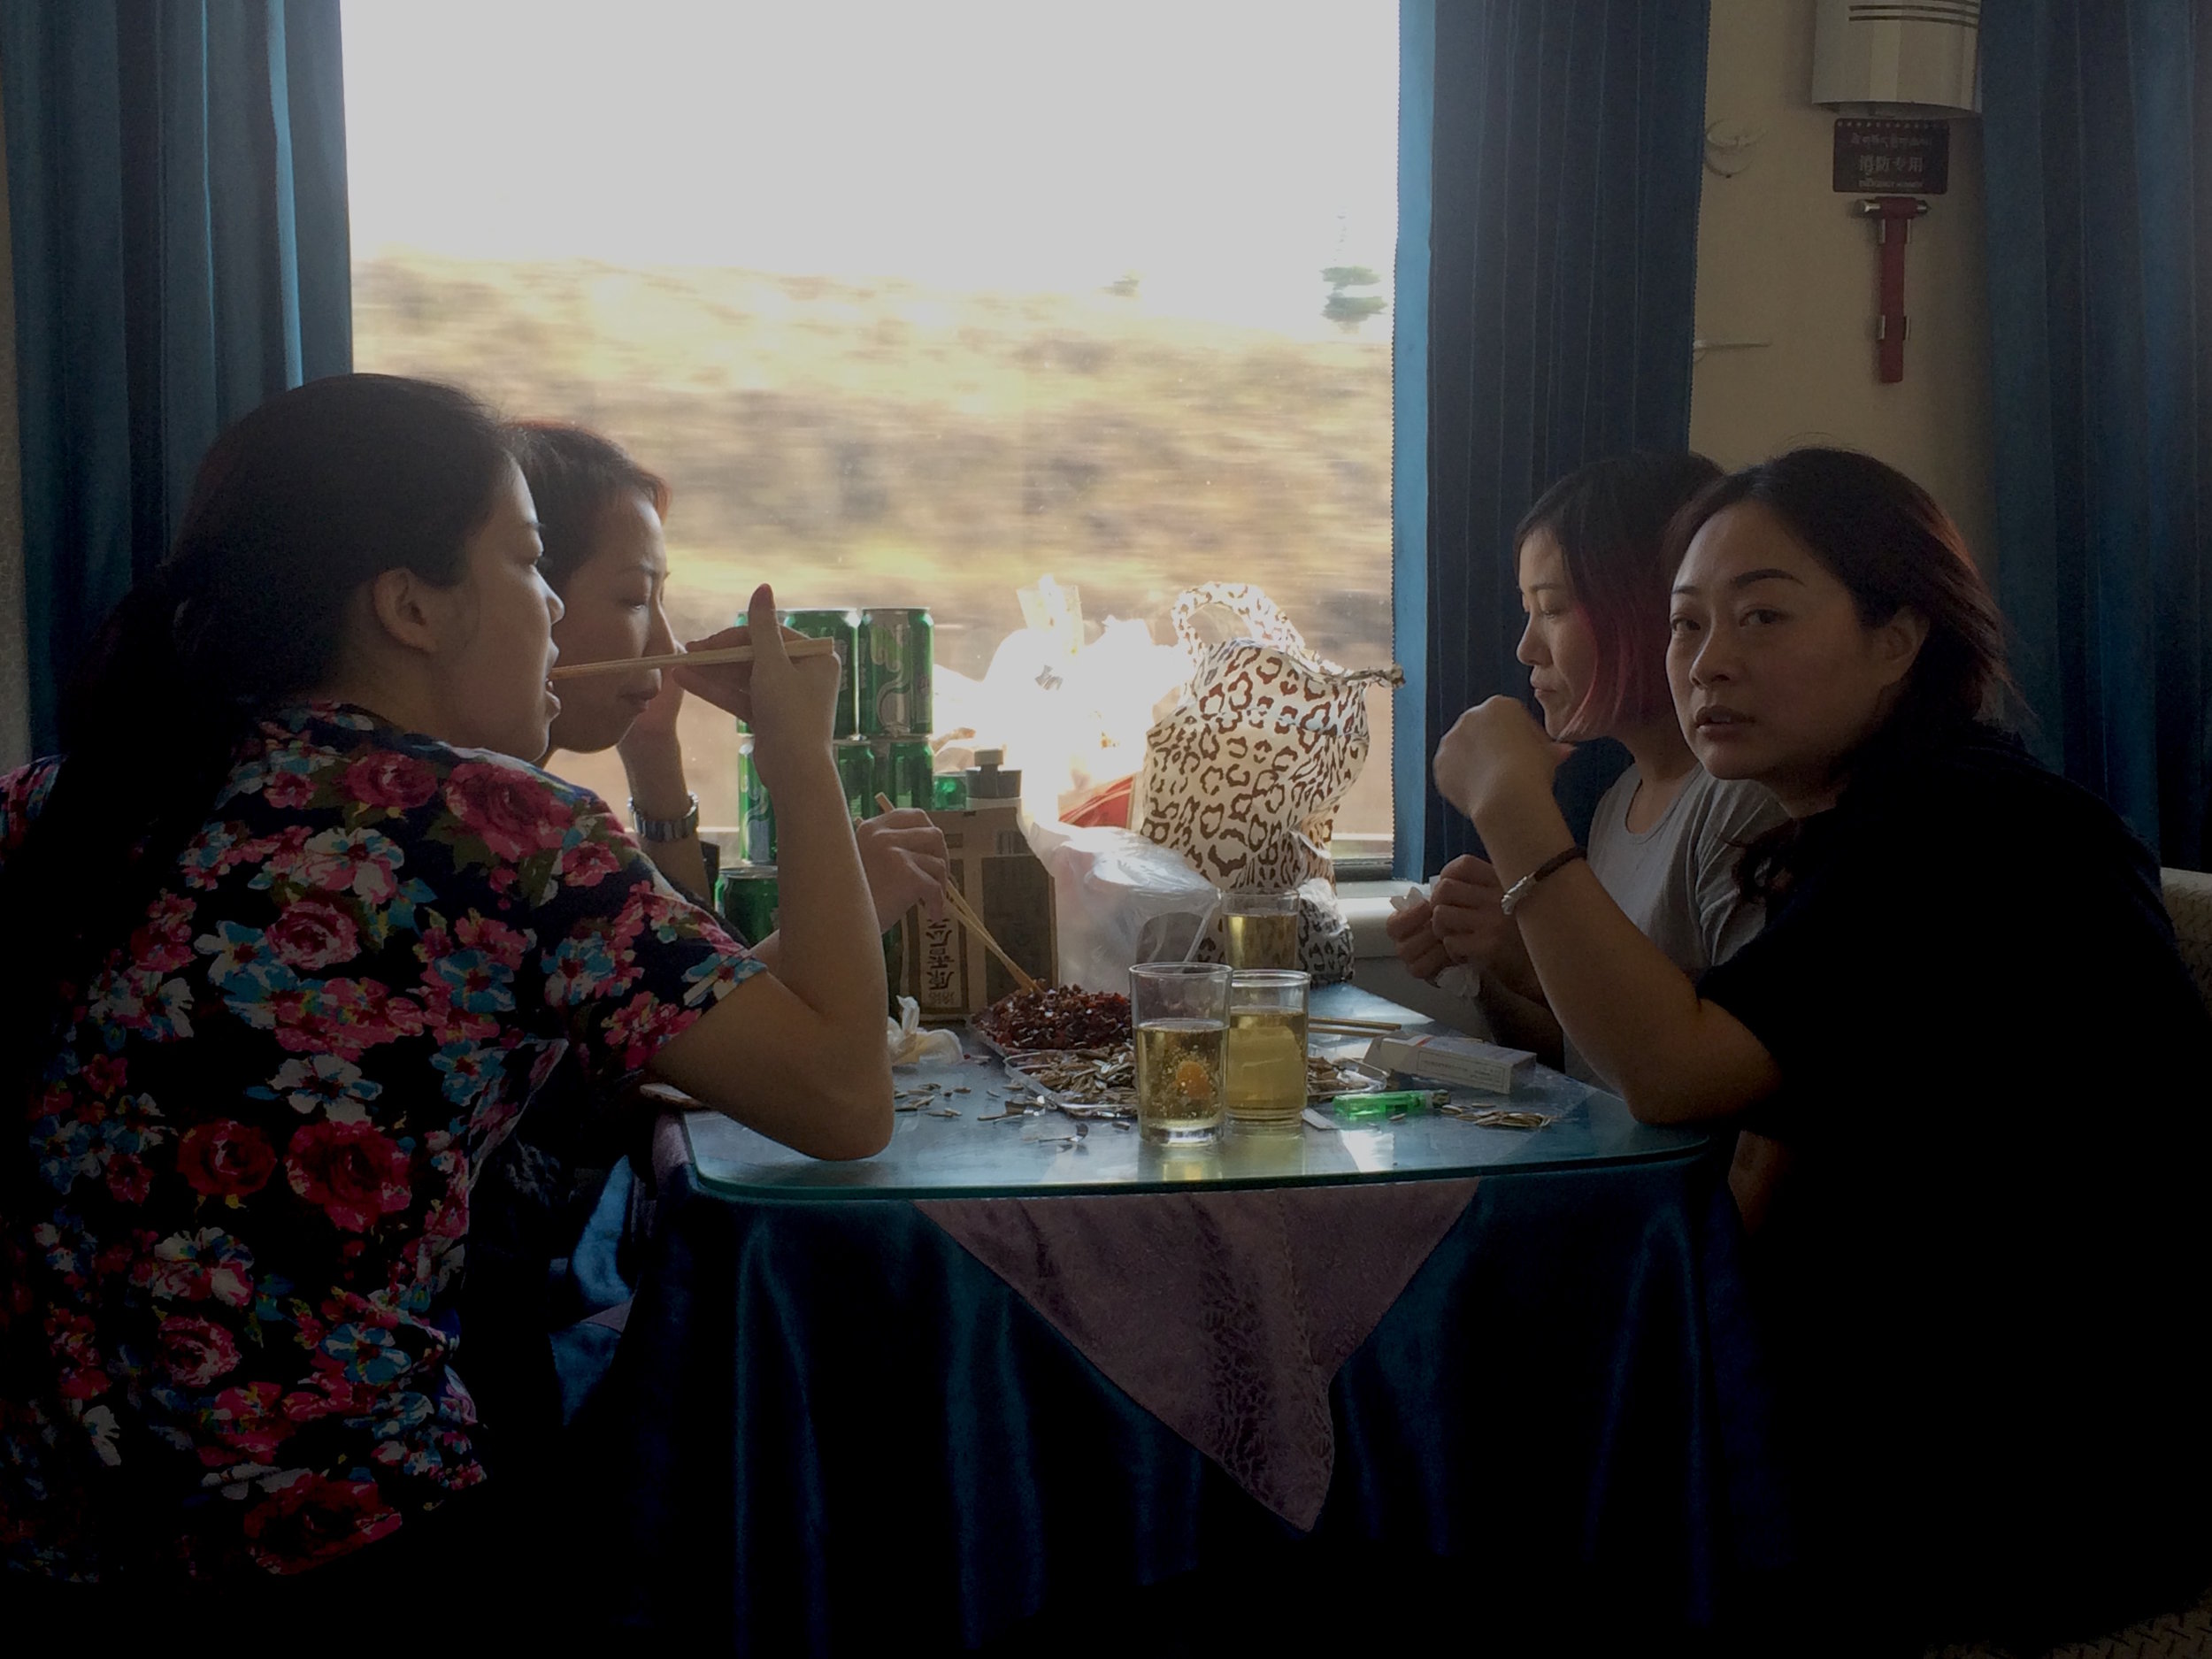 列车内的餐厅。你若喜欢,三五好友来剥瓜子喝啤酒吧。前提是,你不怕高反提早来袭的话。